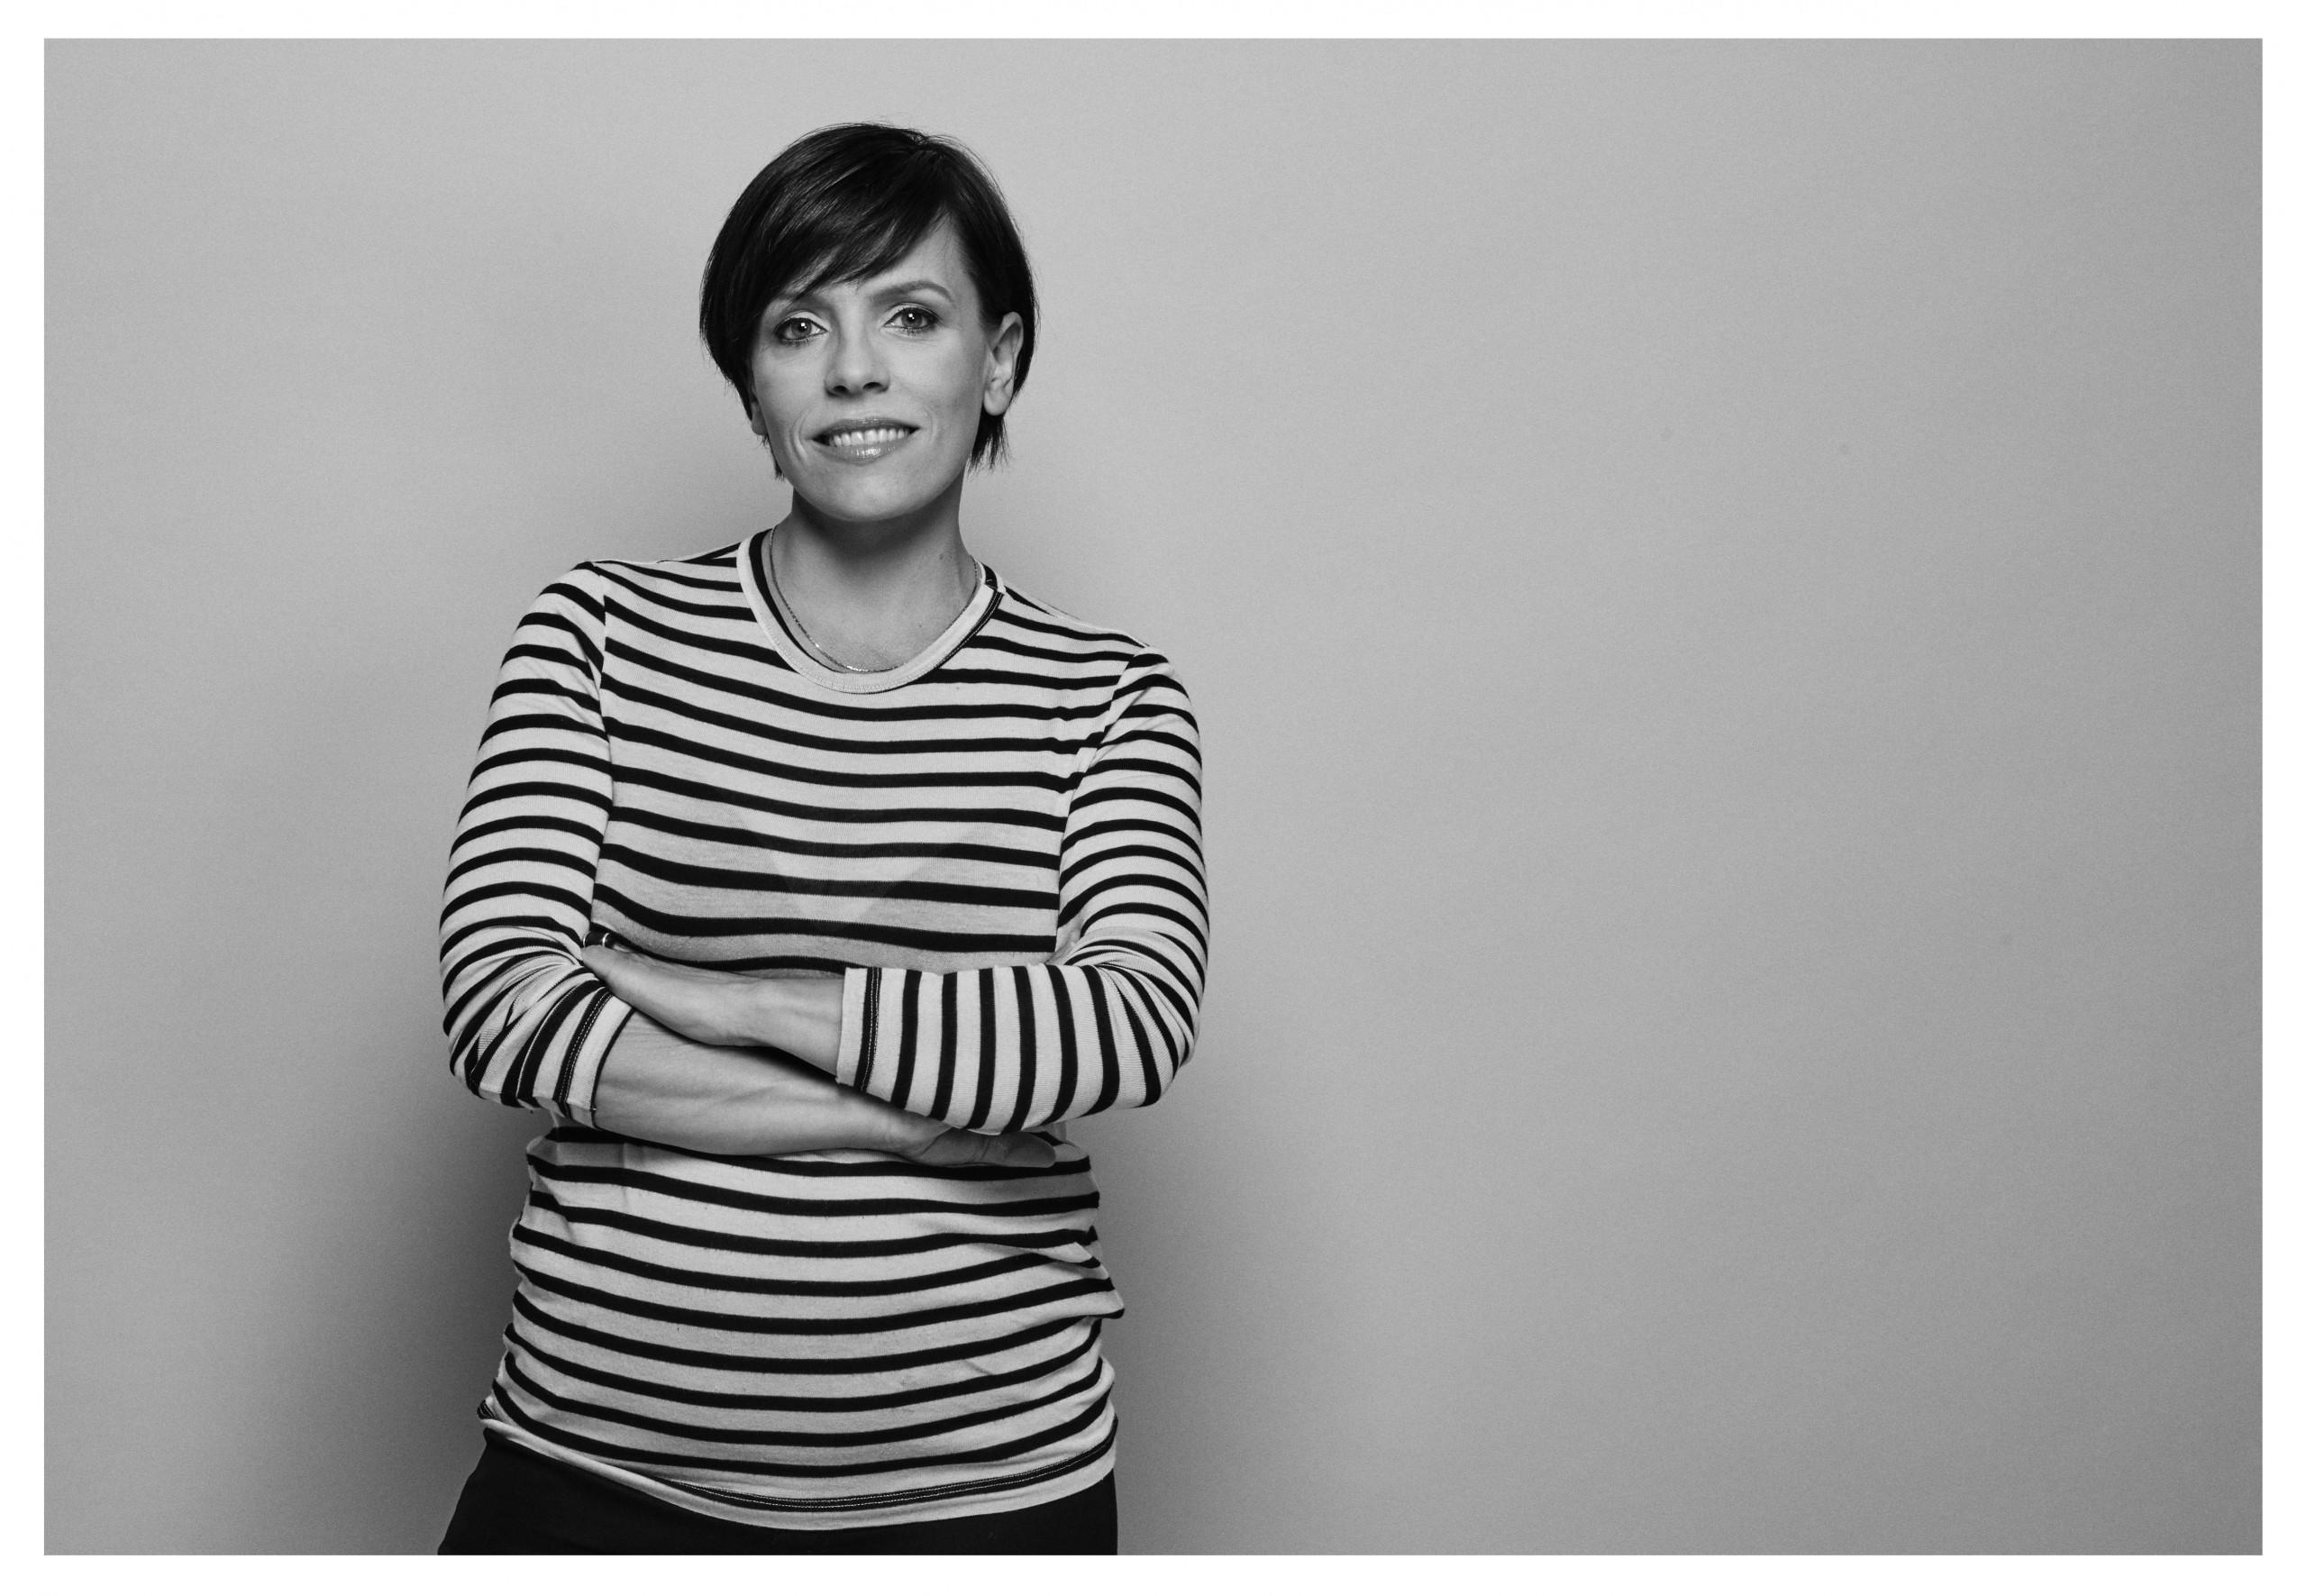 Elísa Jóhannsdóttir